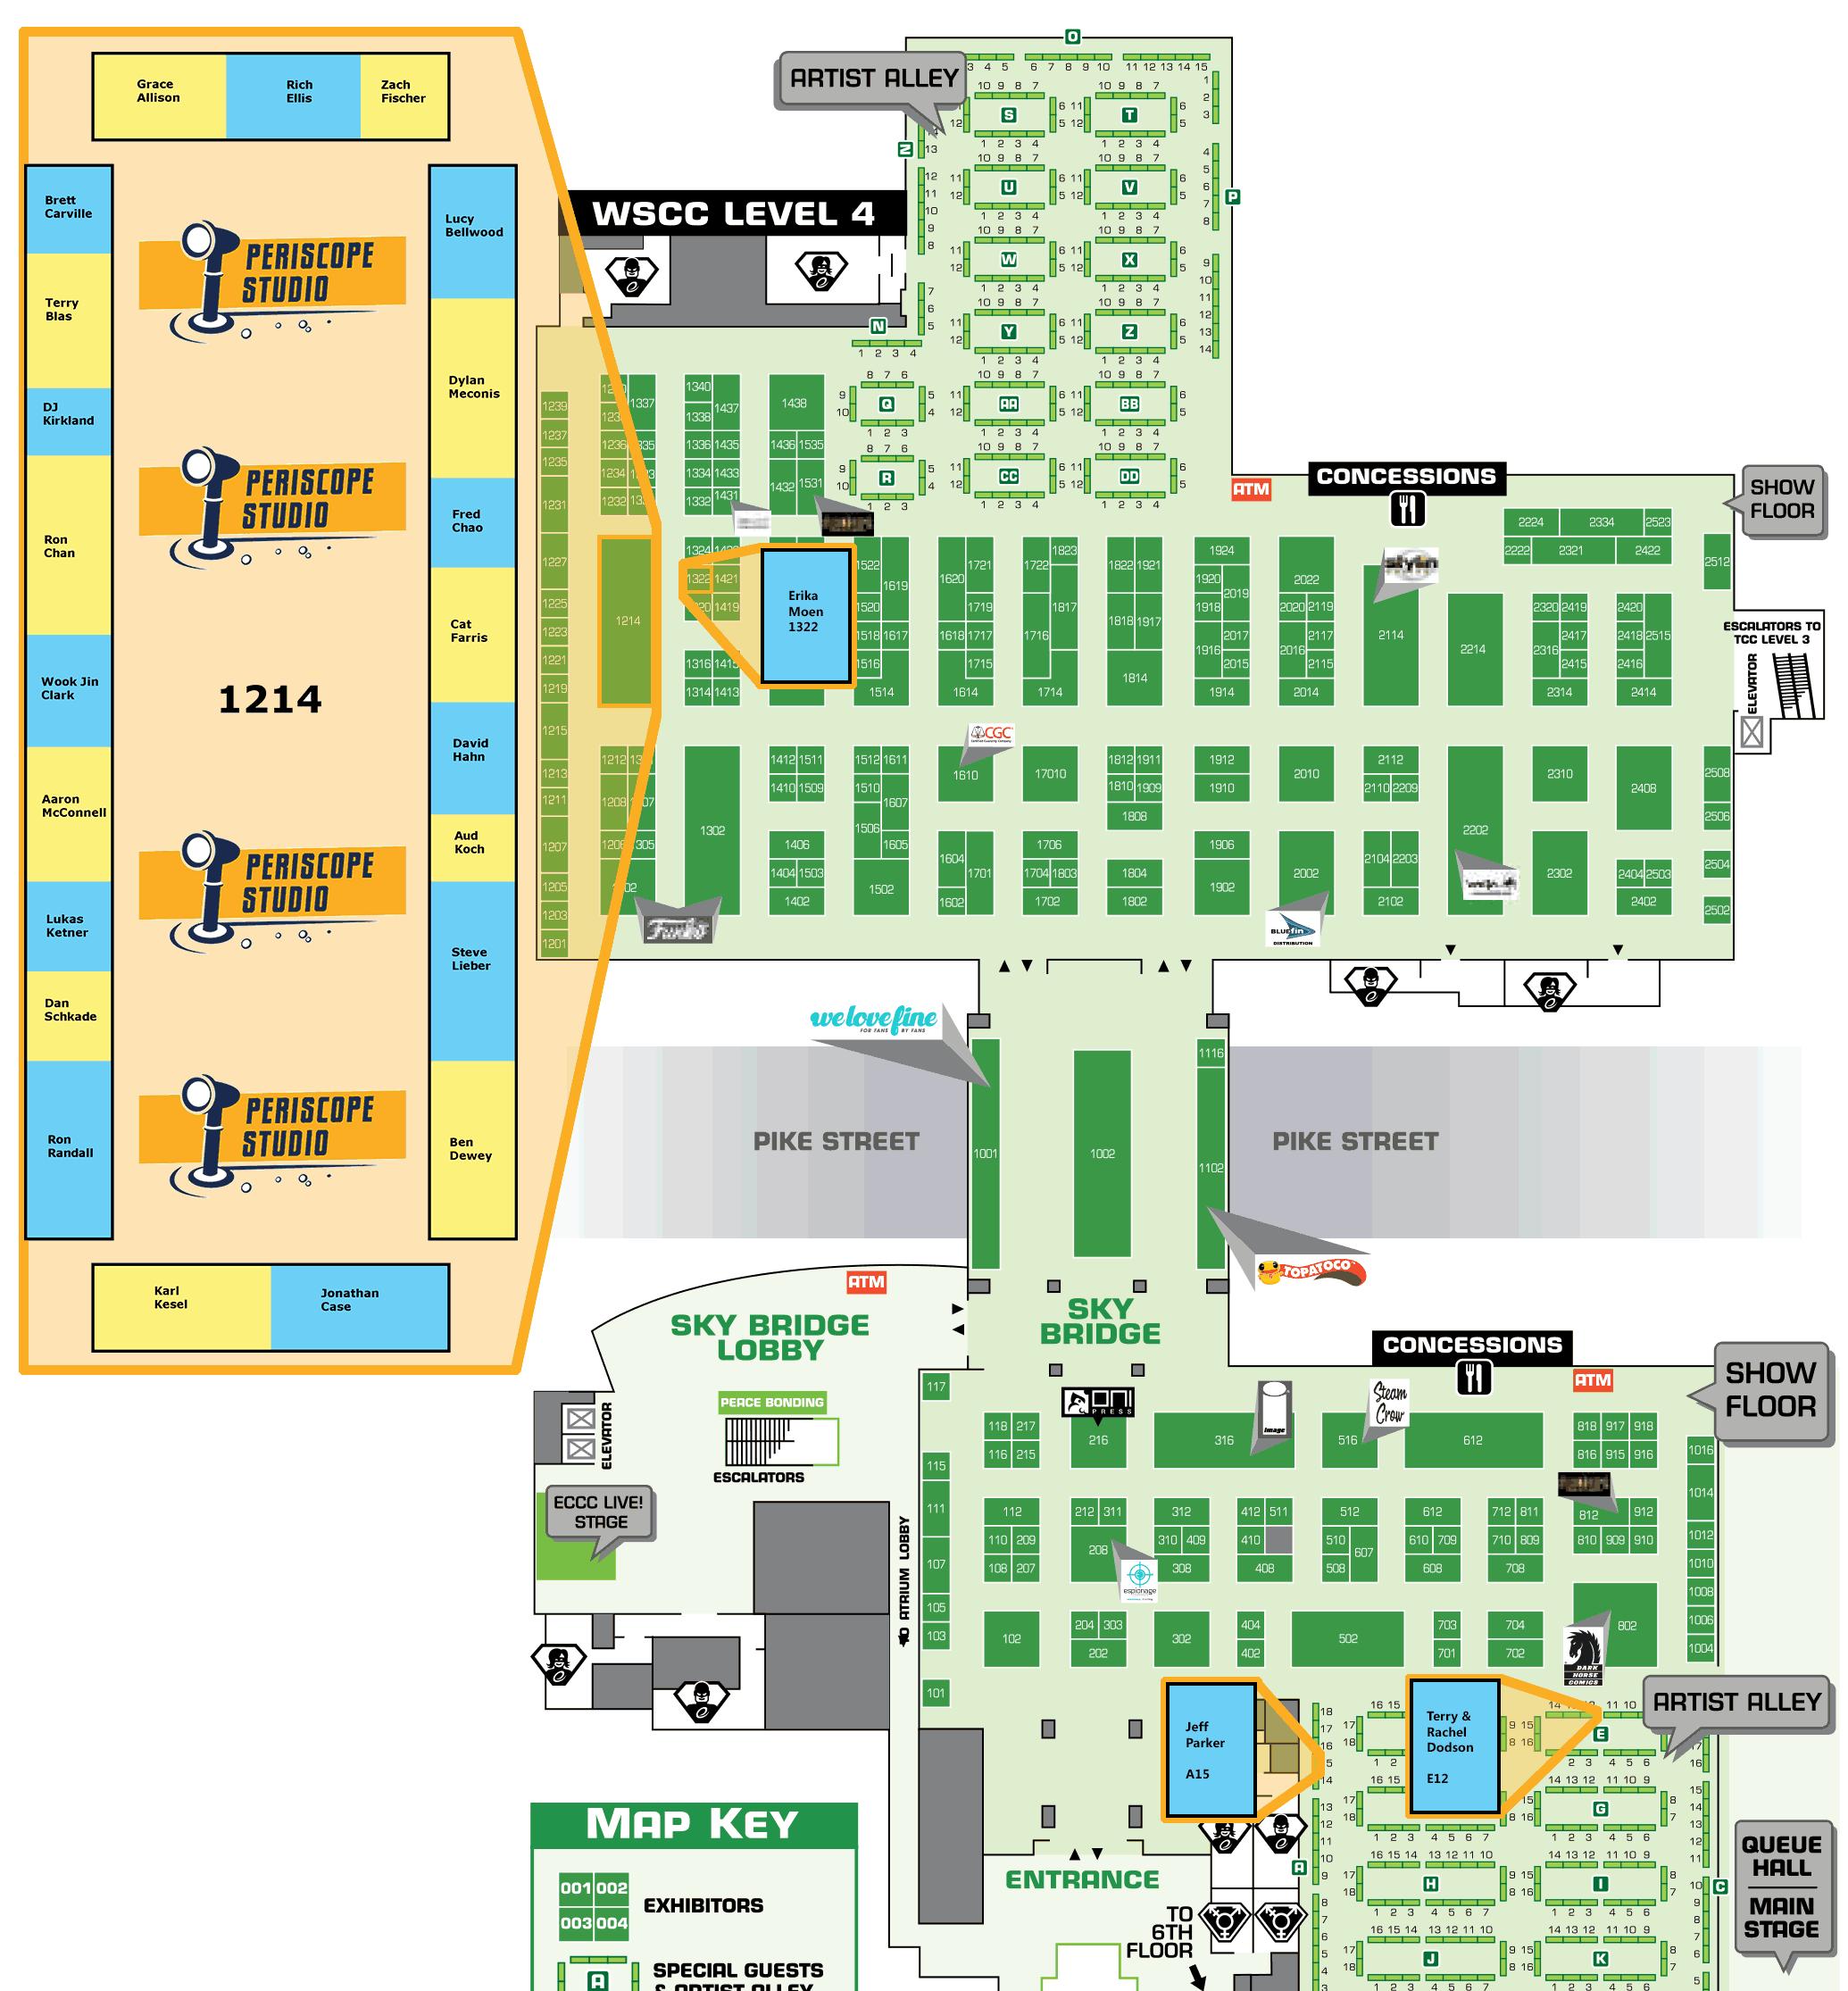 eccc2016map